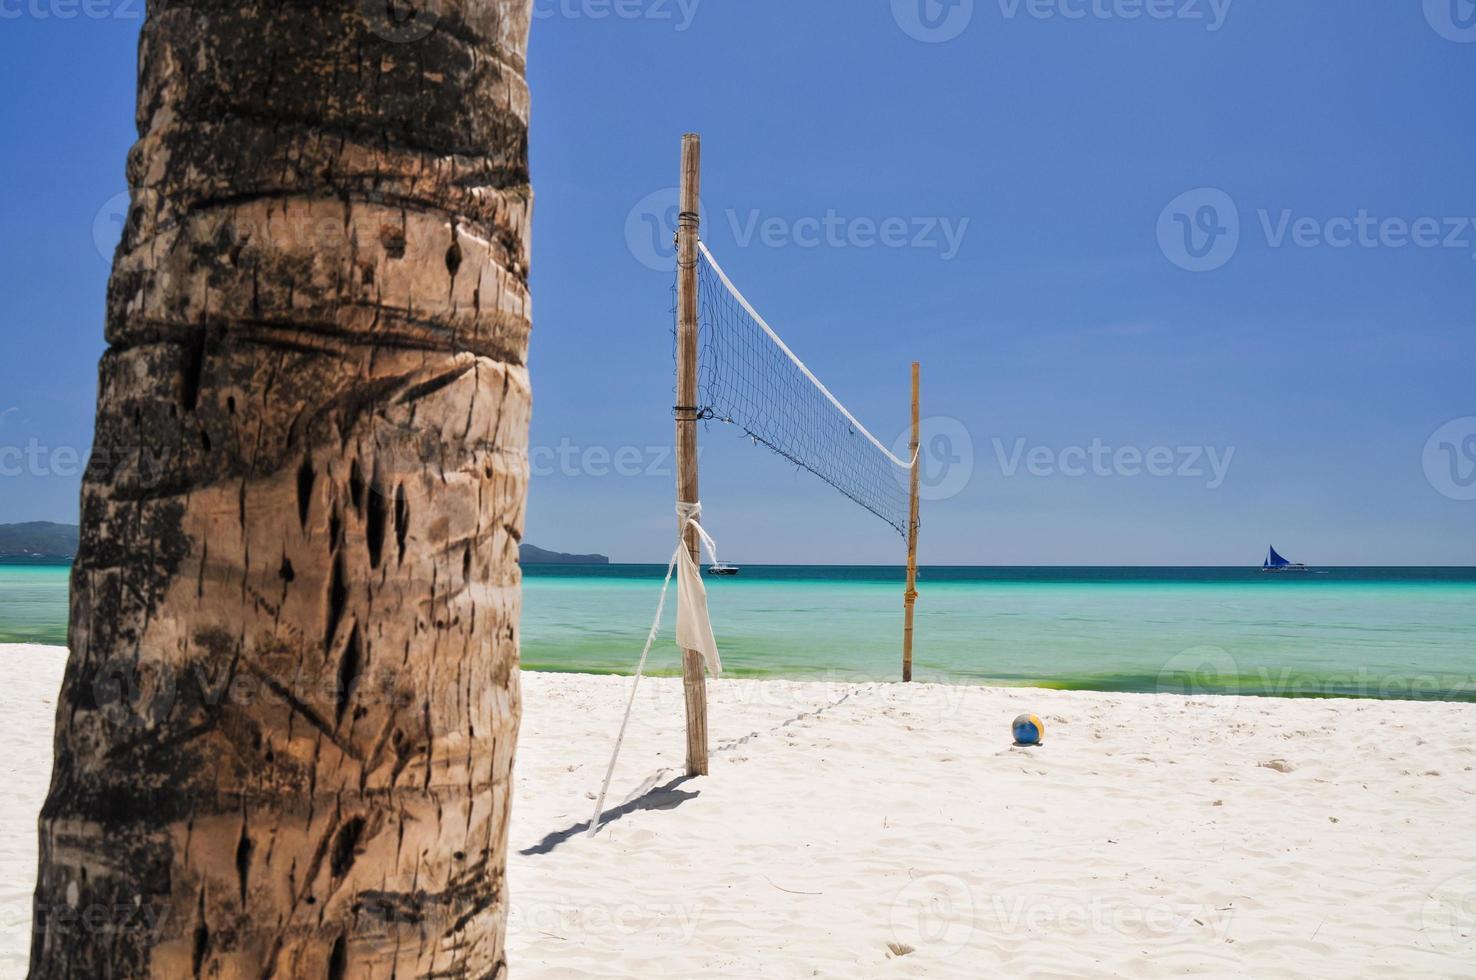 rede de vôlei de praia em boracay - filipinas foto